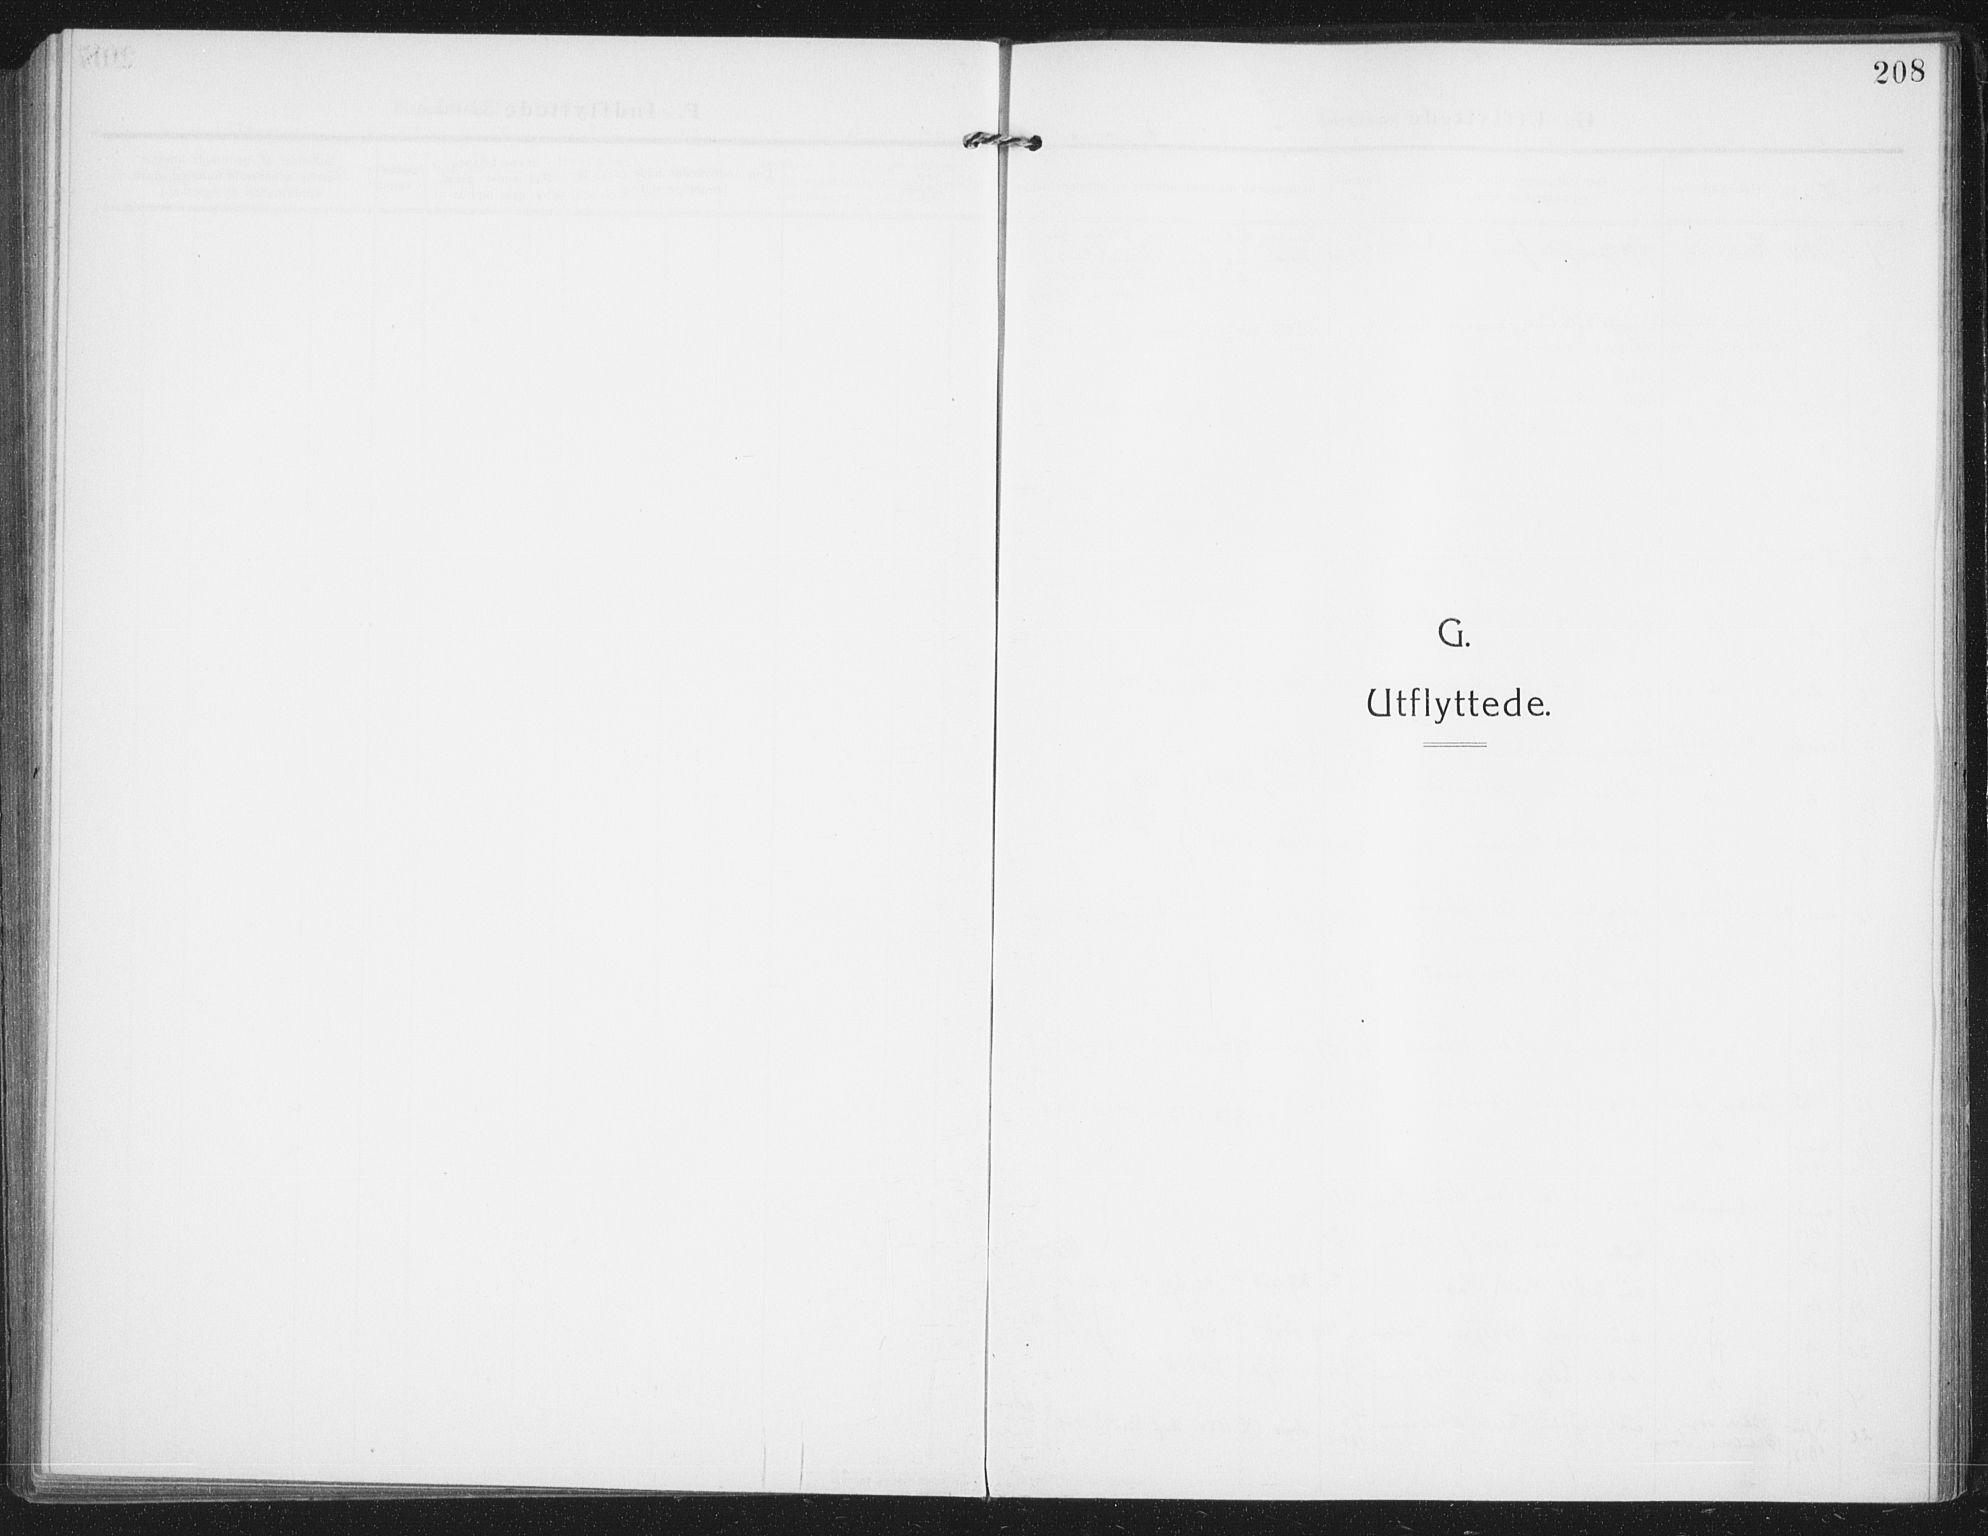 SAO, Rolvsøy prestekontor Kirkebøker, F/Fa/L0002: Ministerialbok nr. 2, 1909-1917, s. 208